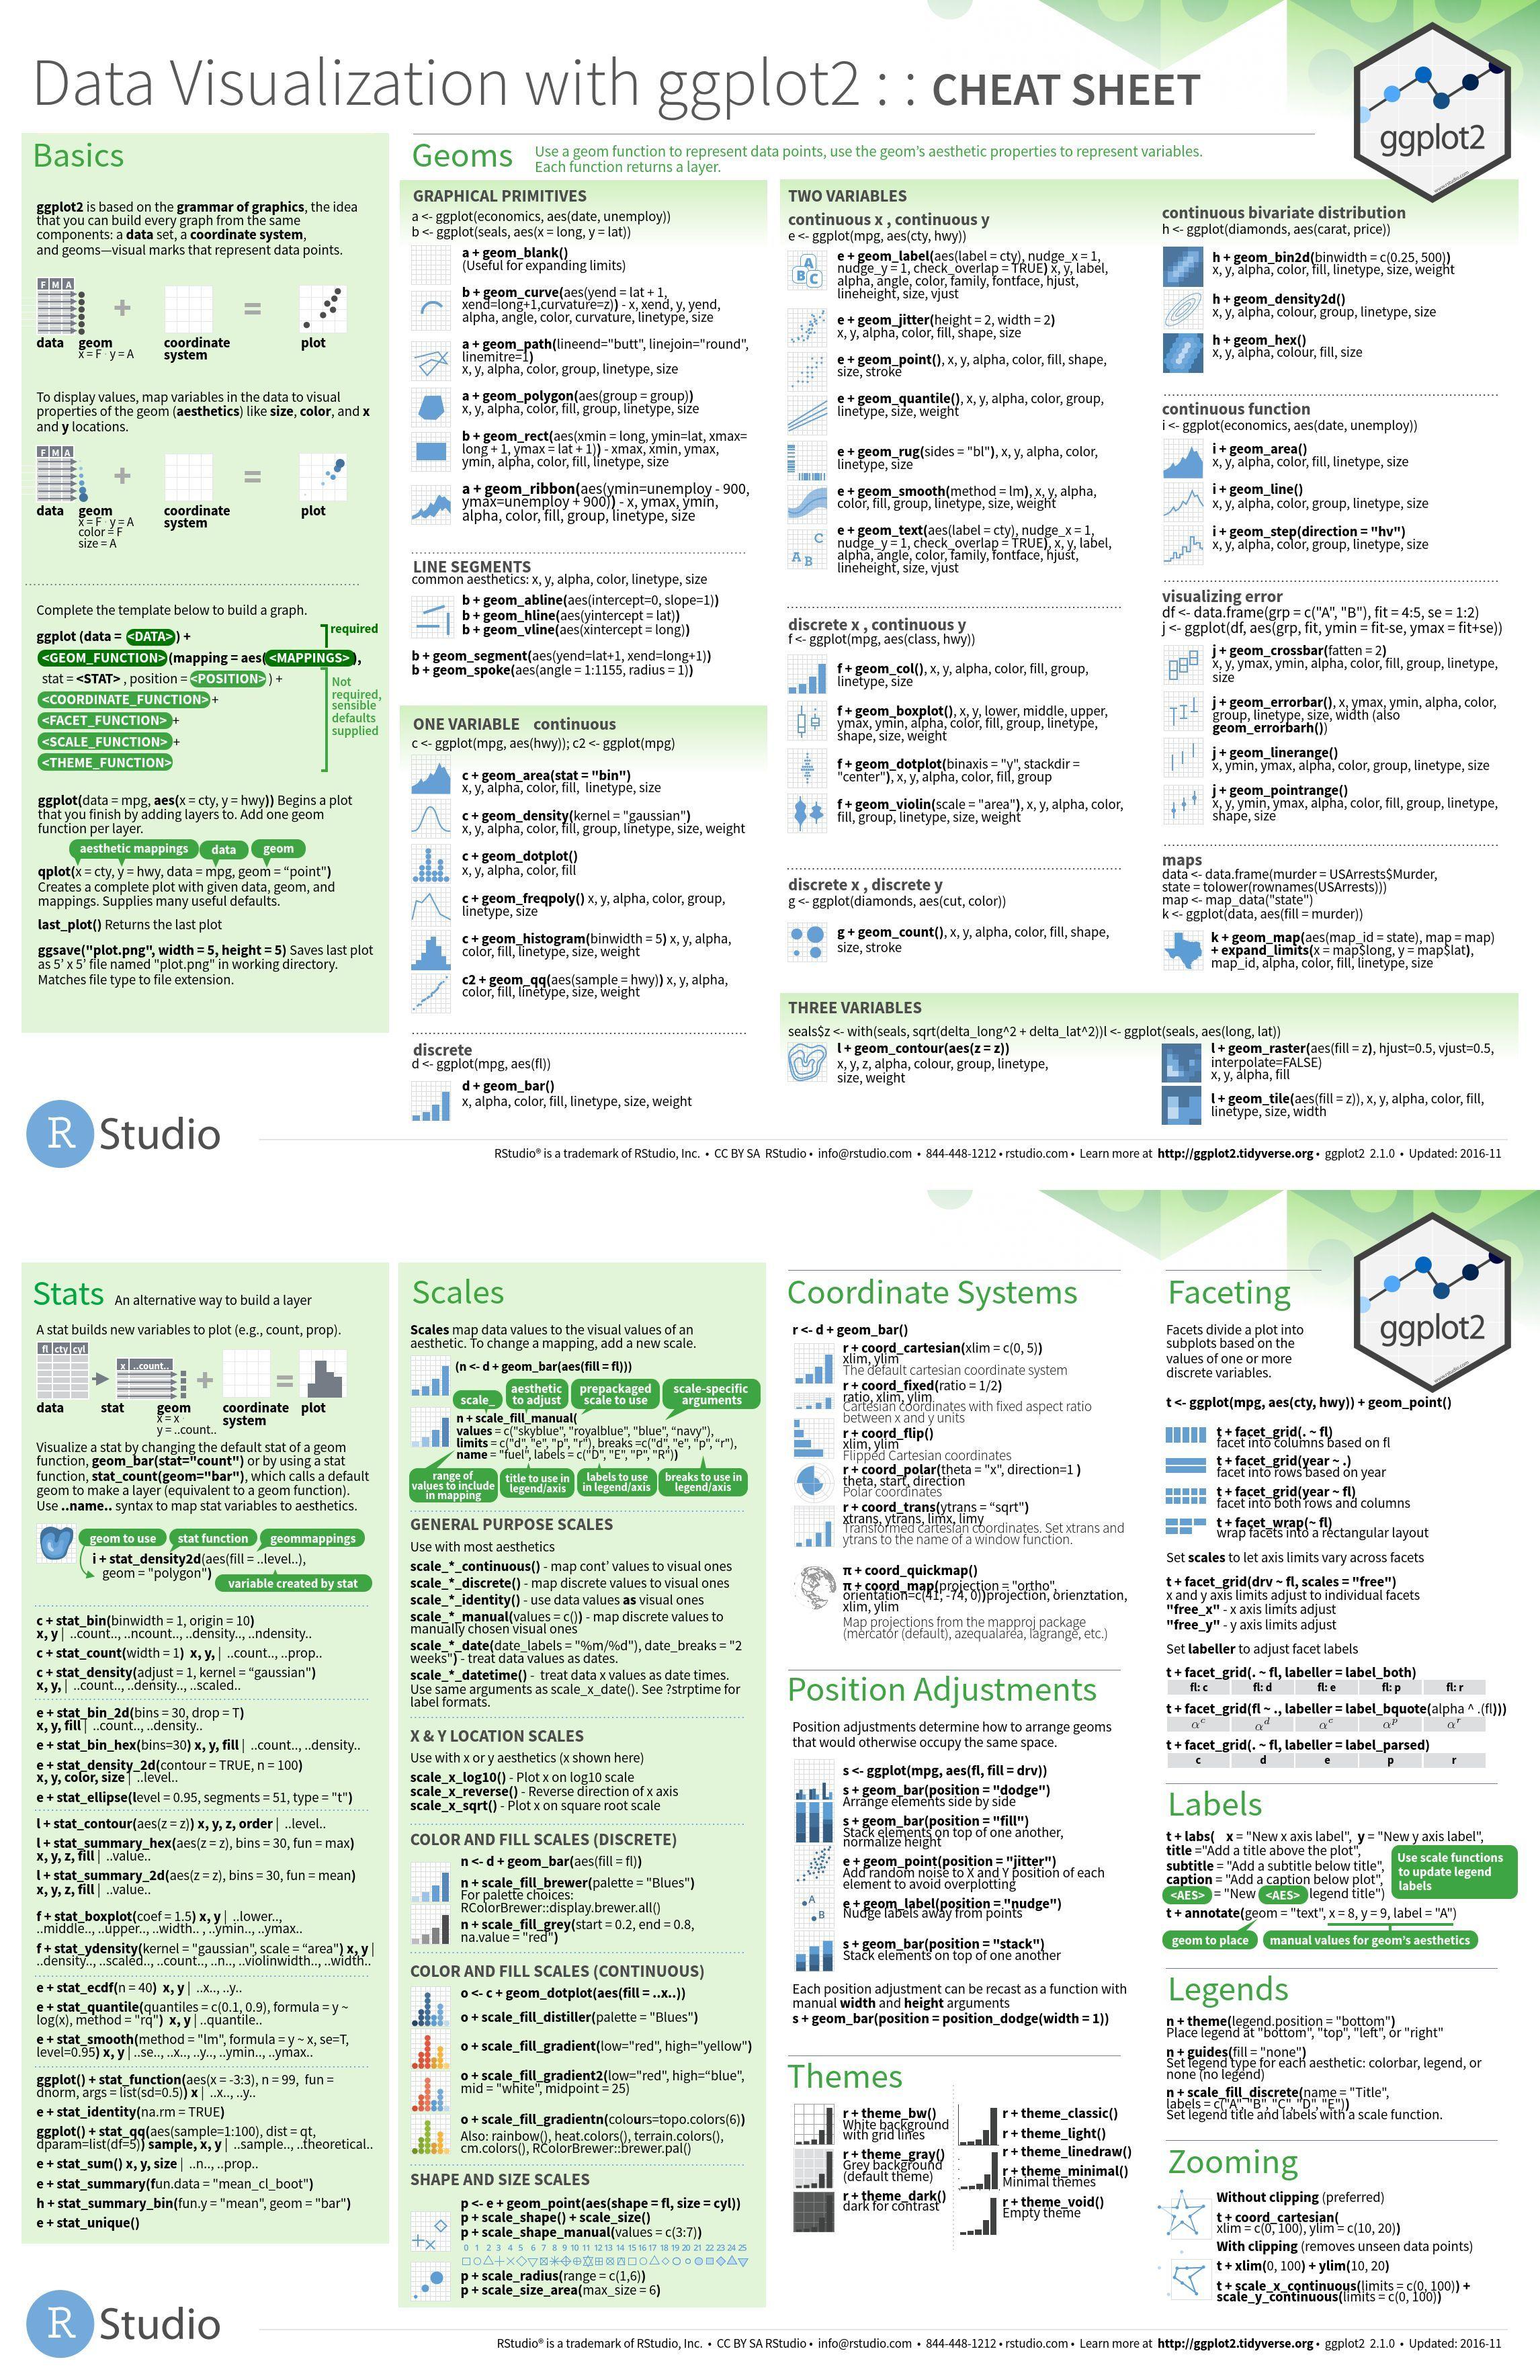 Data Visualization with ggplot2 [Cheat Sheet]   Credit